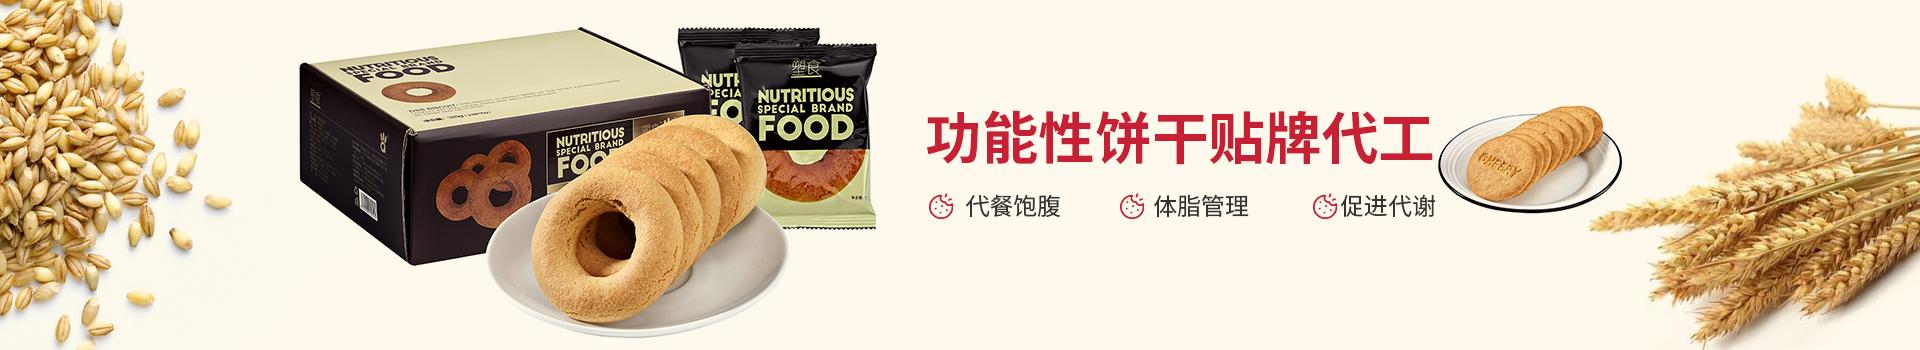 功能性饼干贴牌代工-腾讯体育英超直播食品